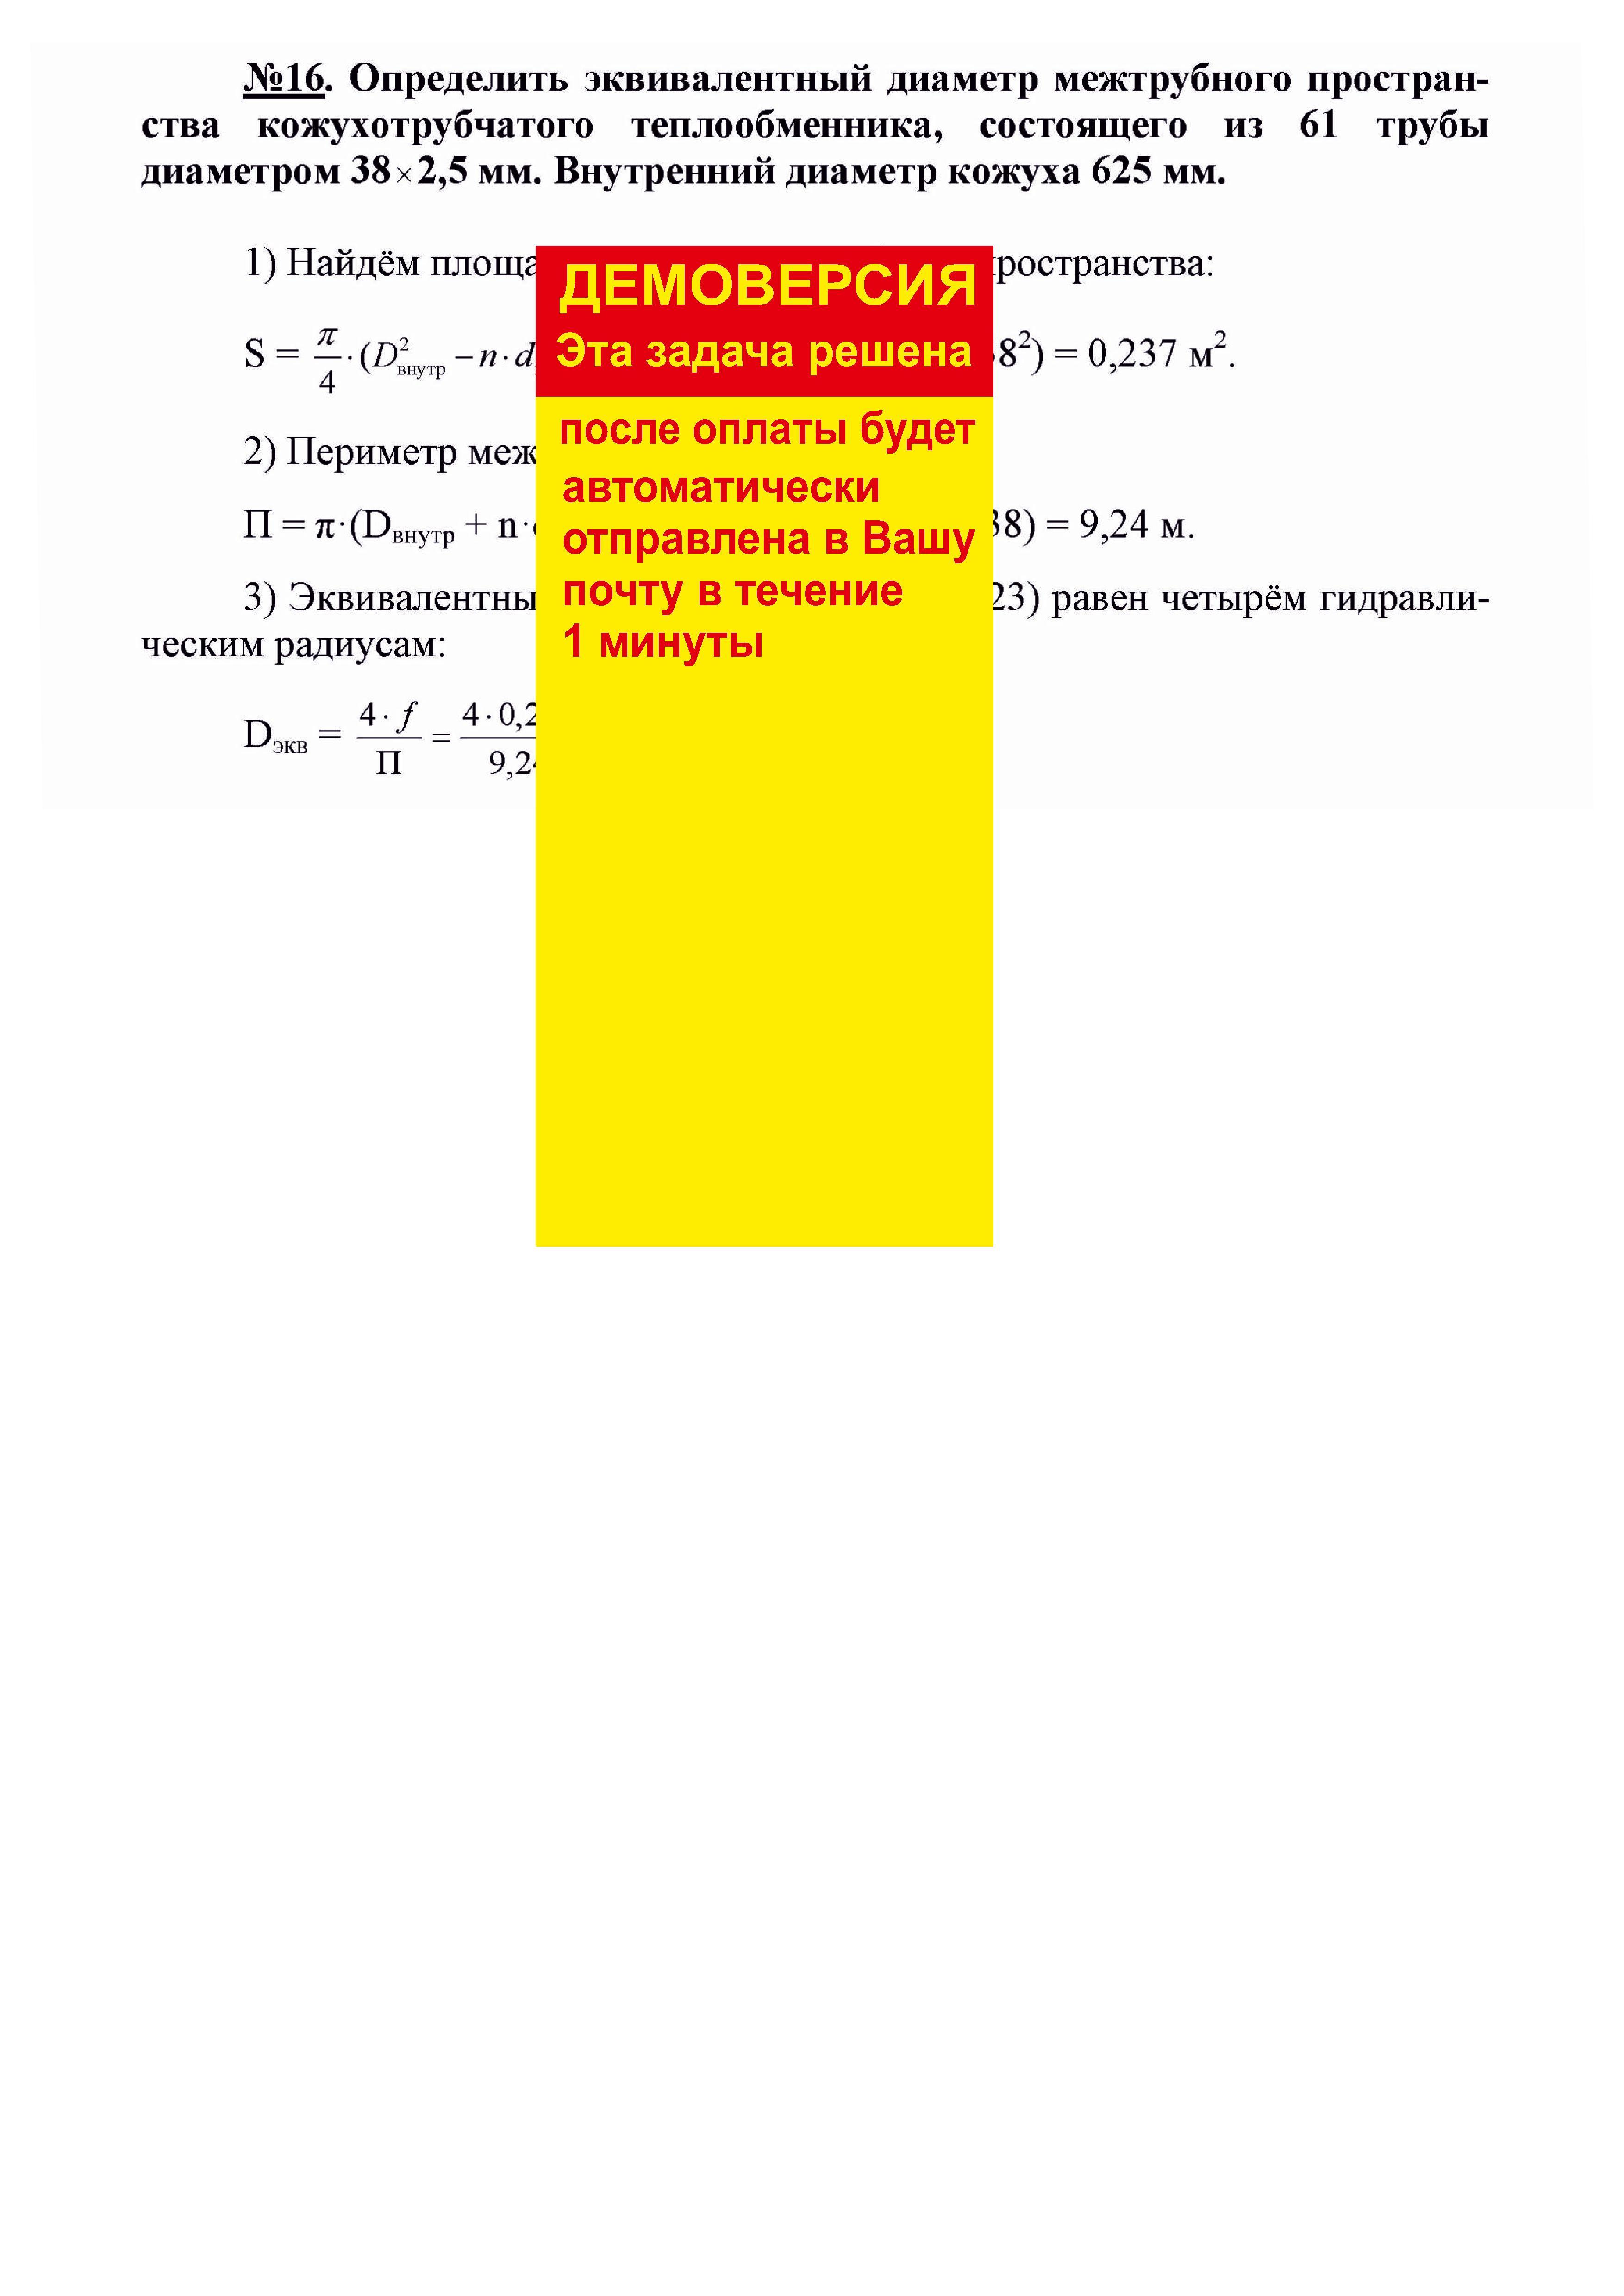 Решение задачи 1.16 по ПАХТ из задачника Павлова Романкова Носкова